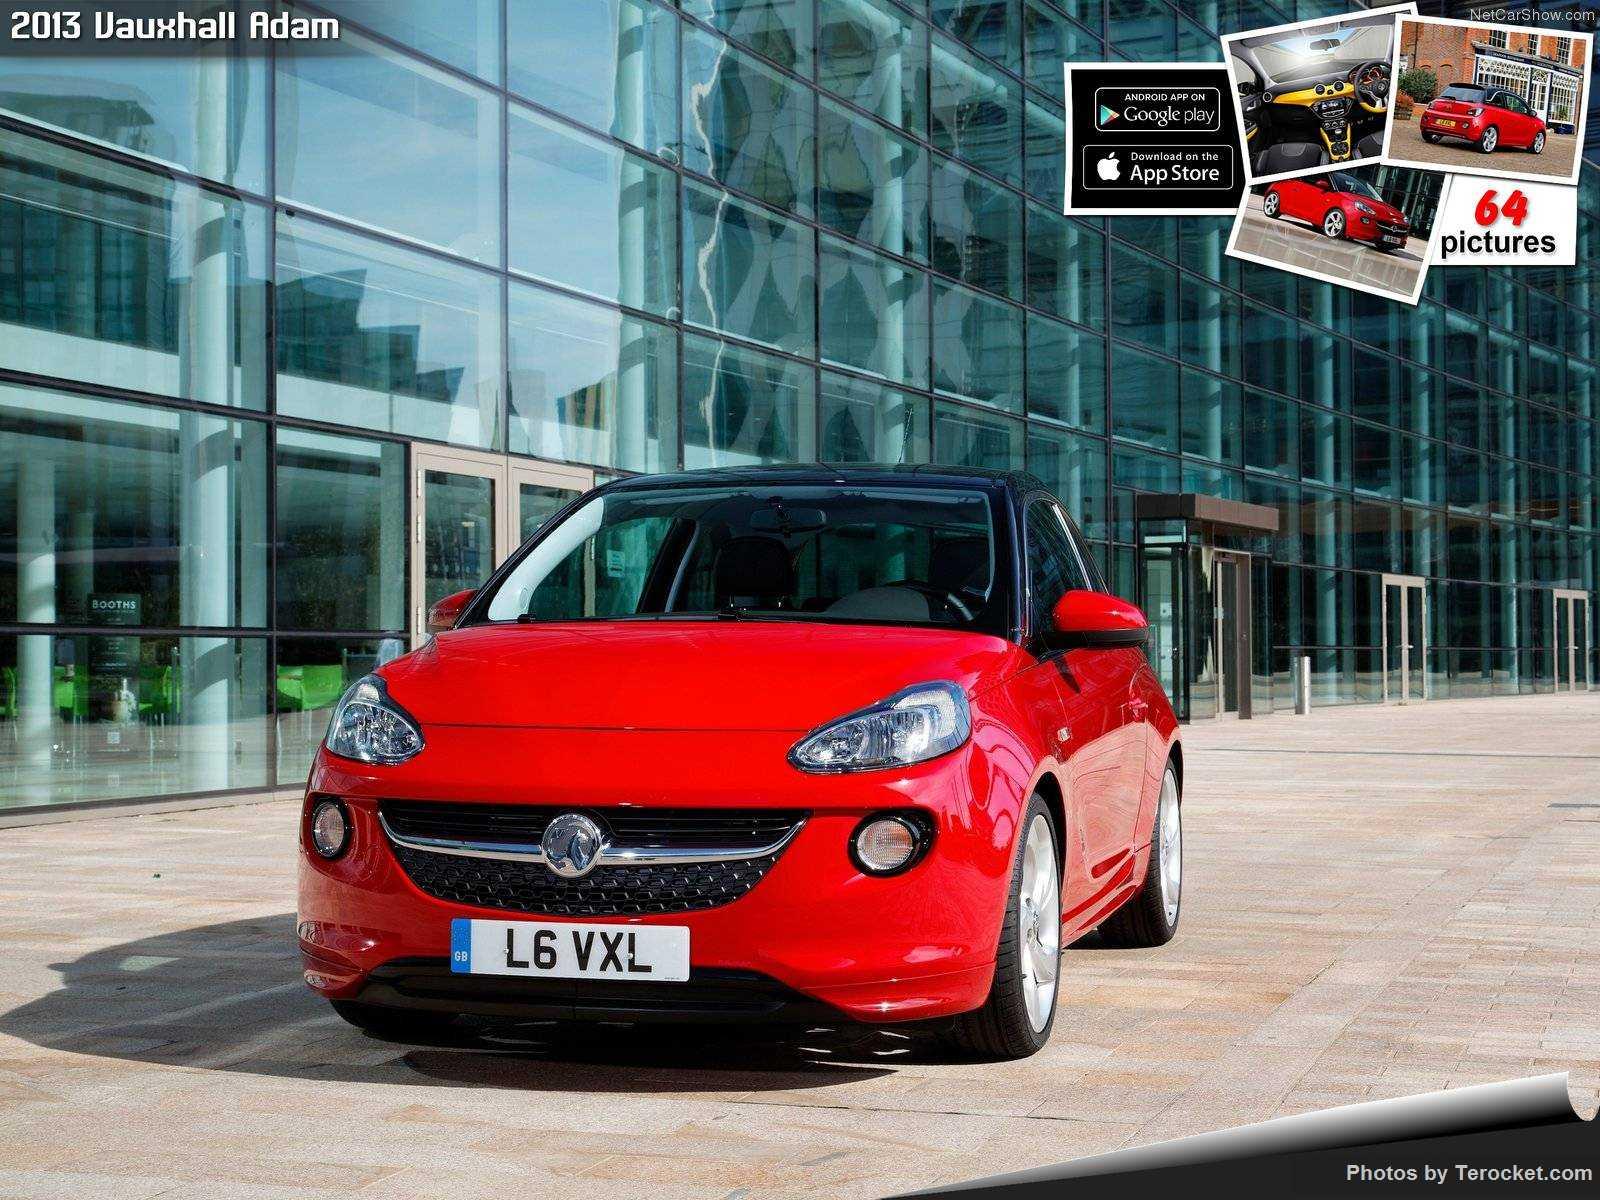 Hình ảnh xe ô tô Vauxhall Adam 2013 & nội ngoại thất